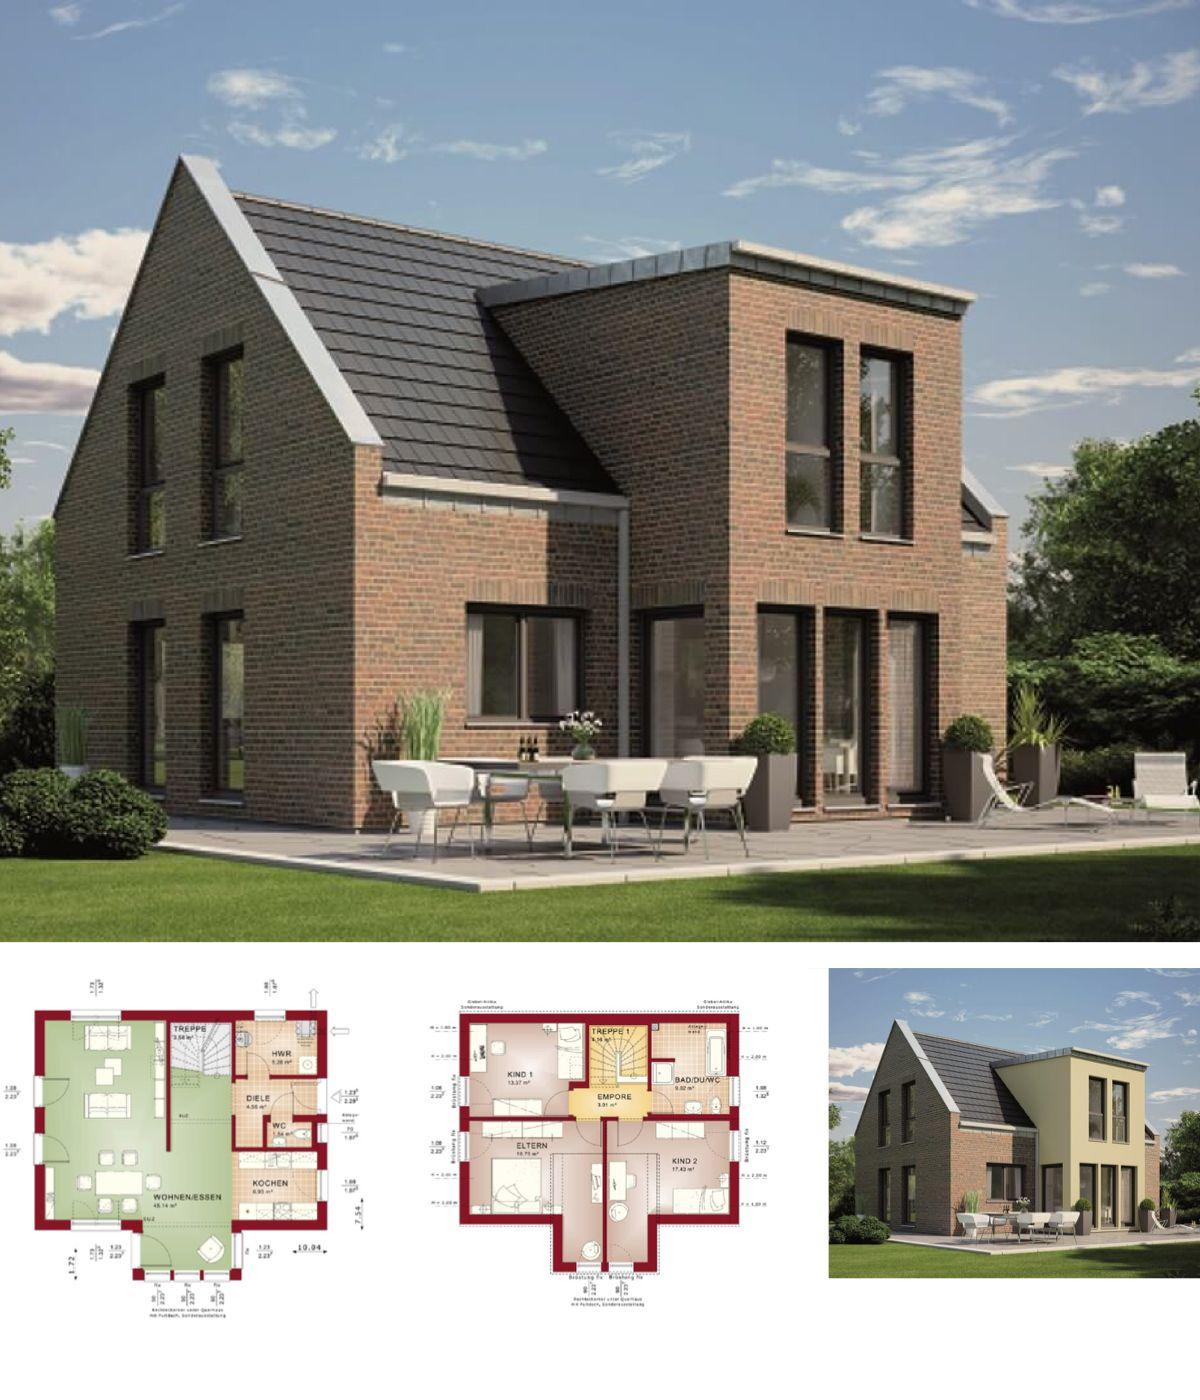 Modernes Einfamilienhaus Mit Klinker Fassade Haus Evolution 122 V9